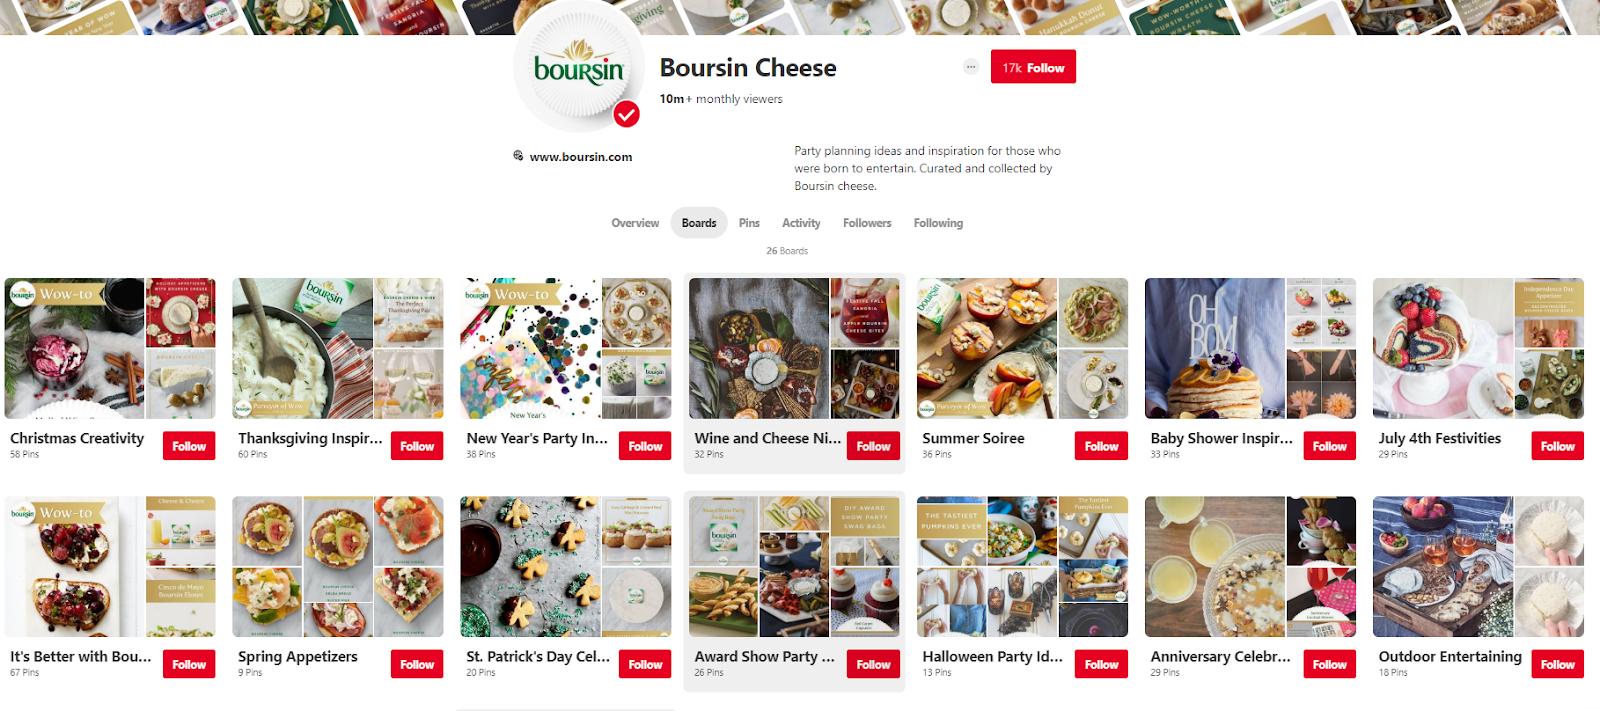 boursin-cheese-boards